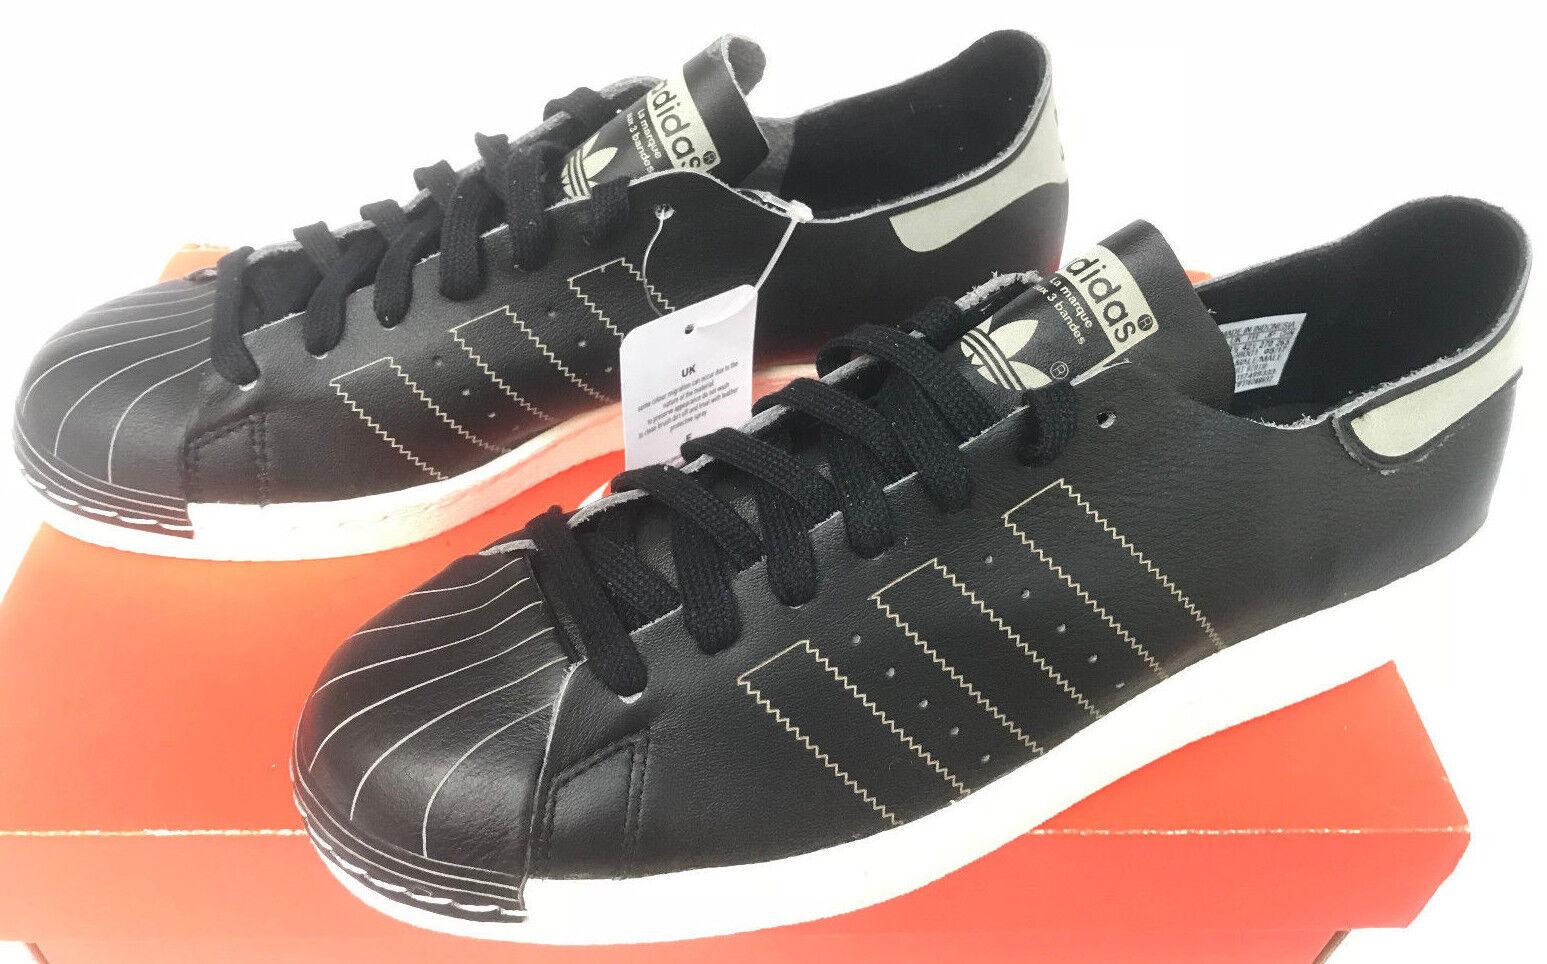 Adidas superstar der 80er decon bz0110 kern schwarzes leder basketball - schuhe für männer.